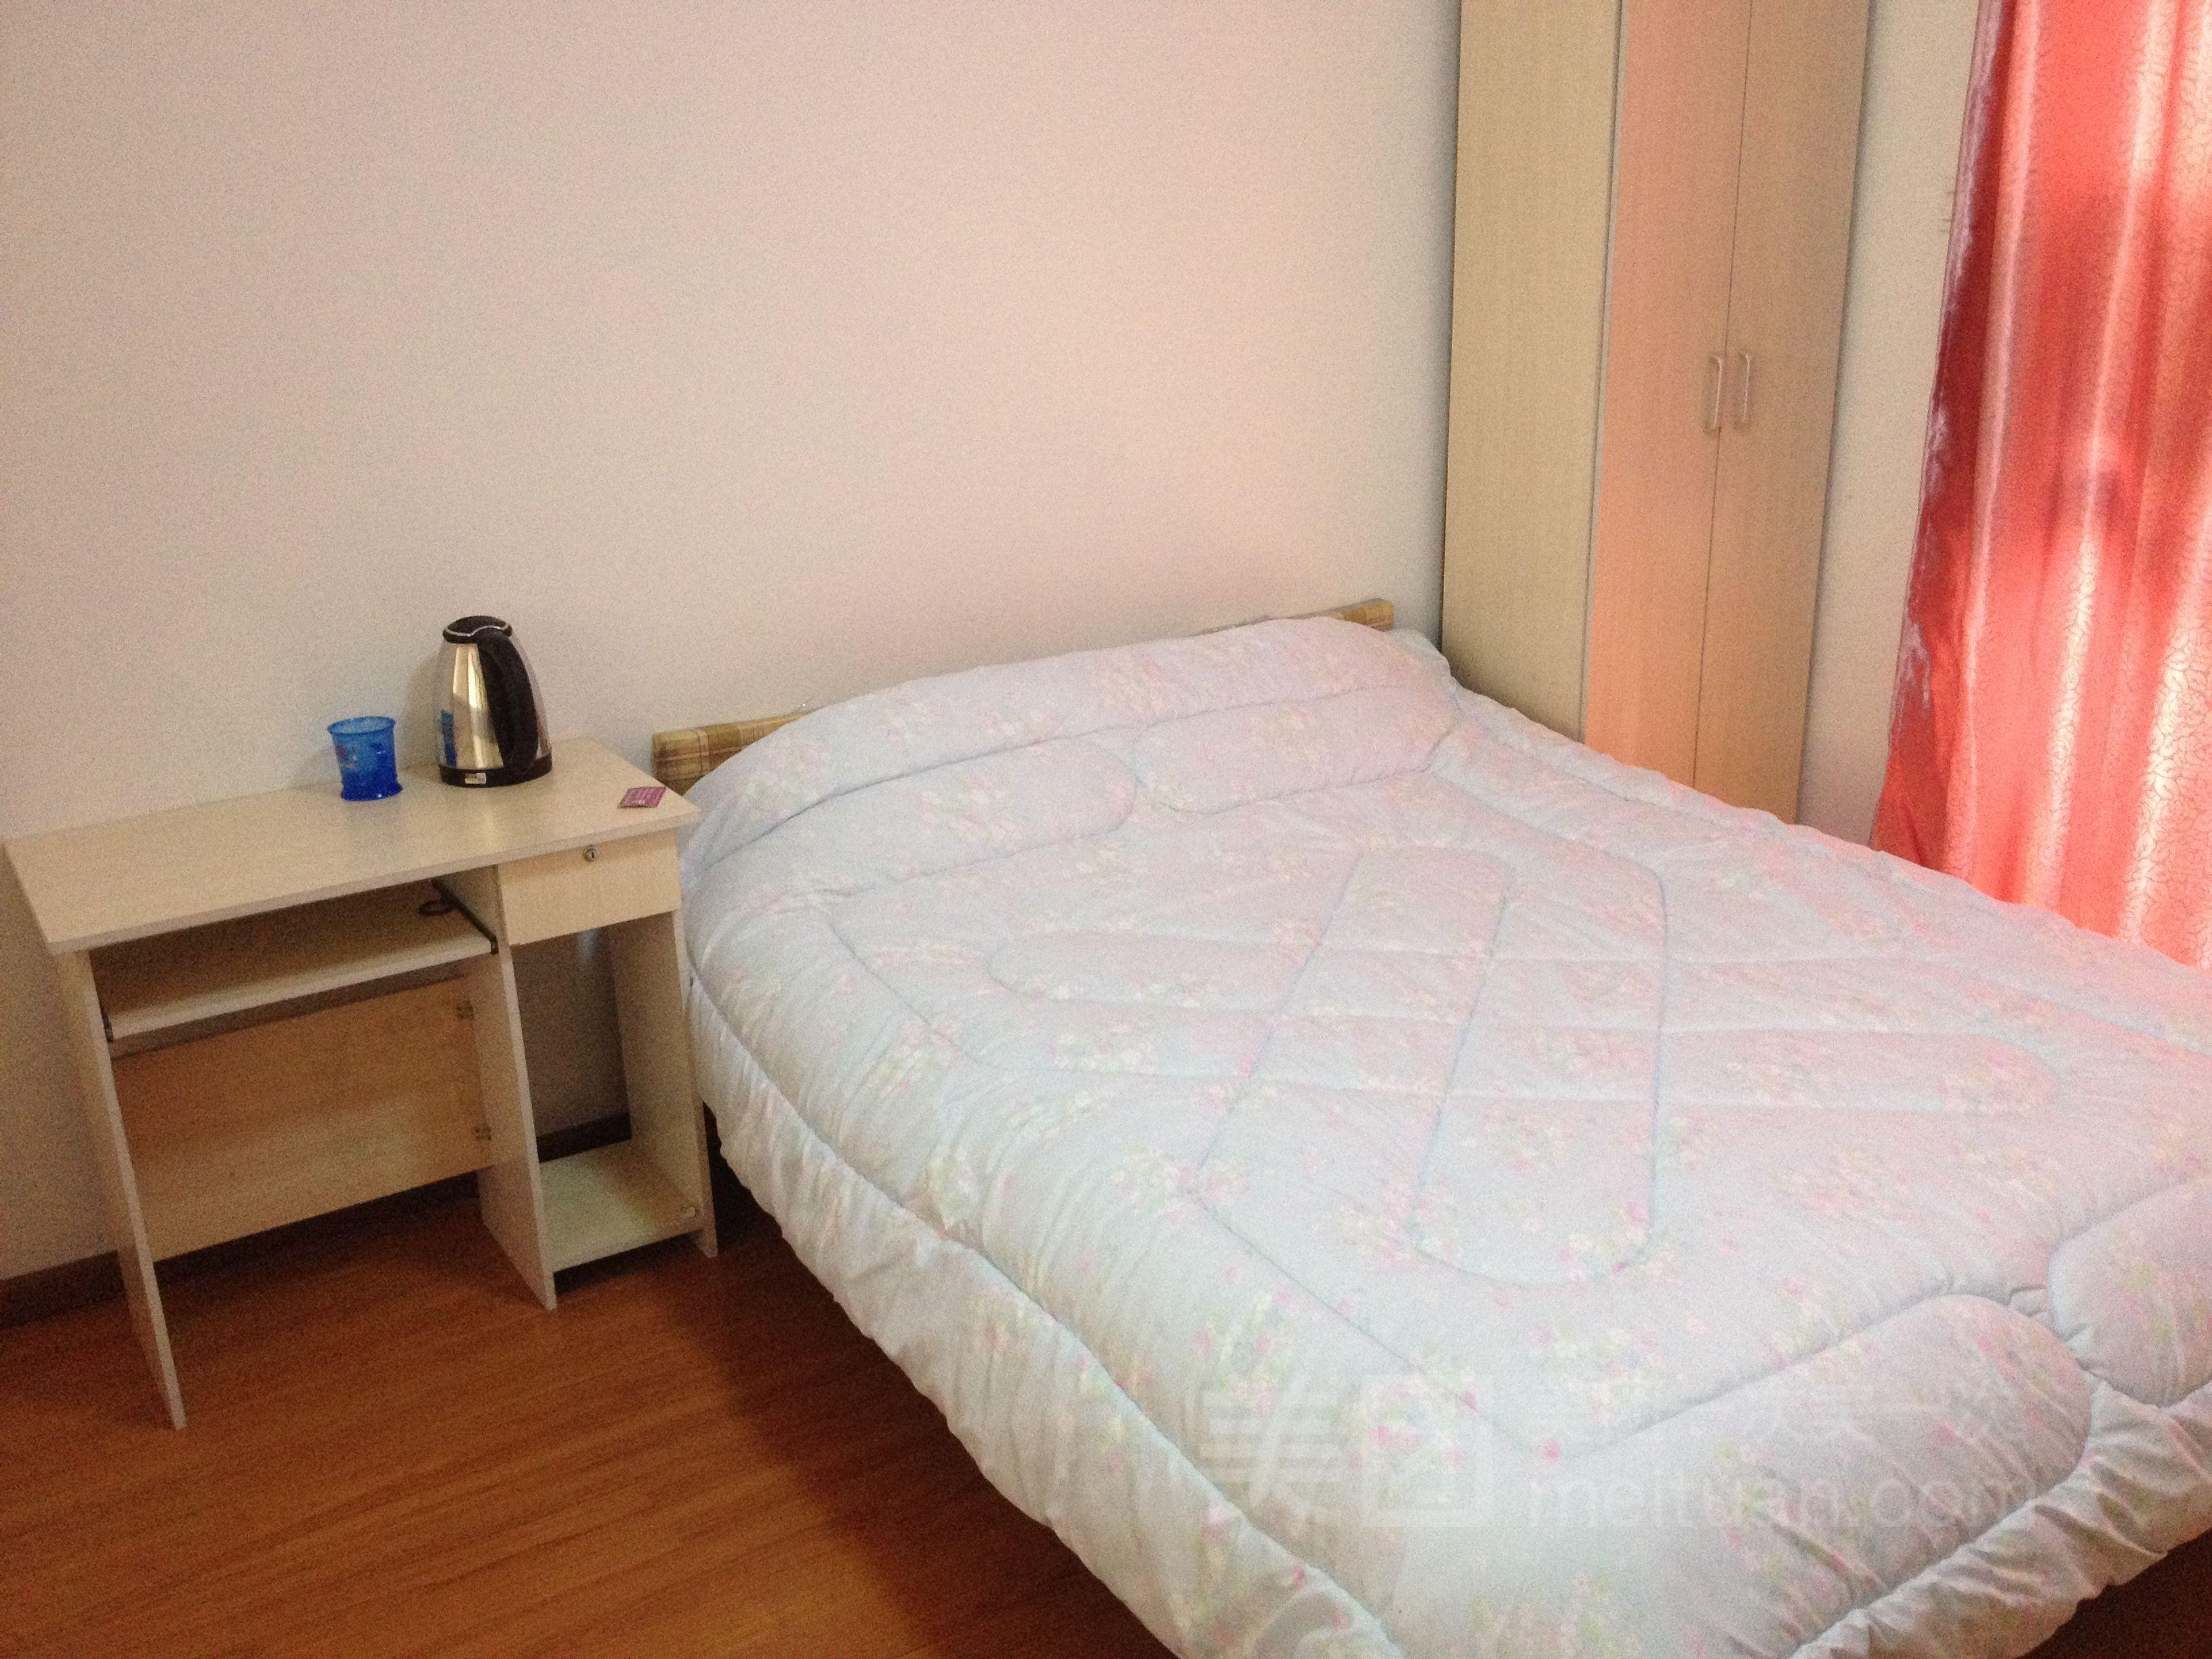 安信家庭公寓连锁(六里桥地铁店)预订/团购